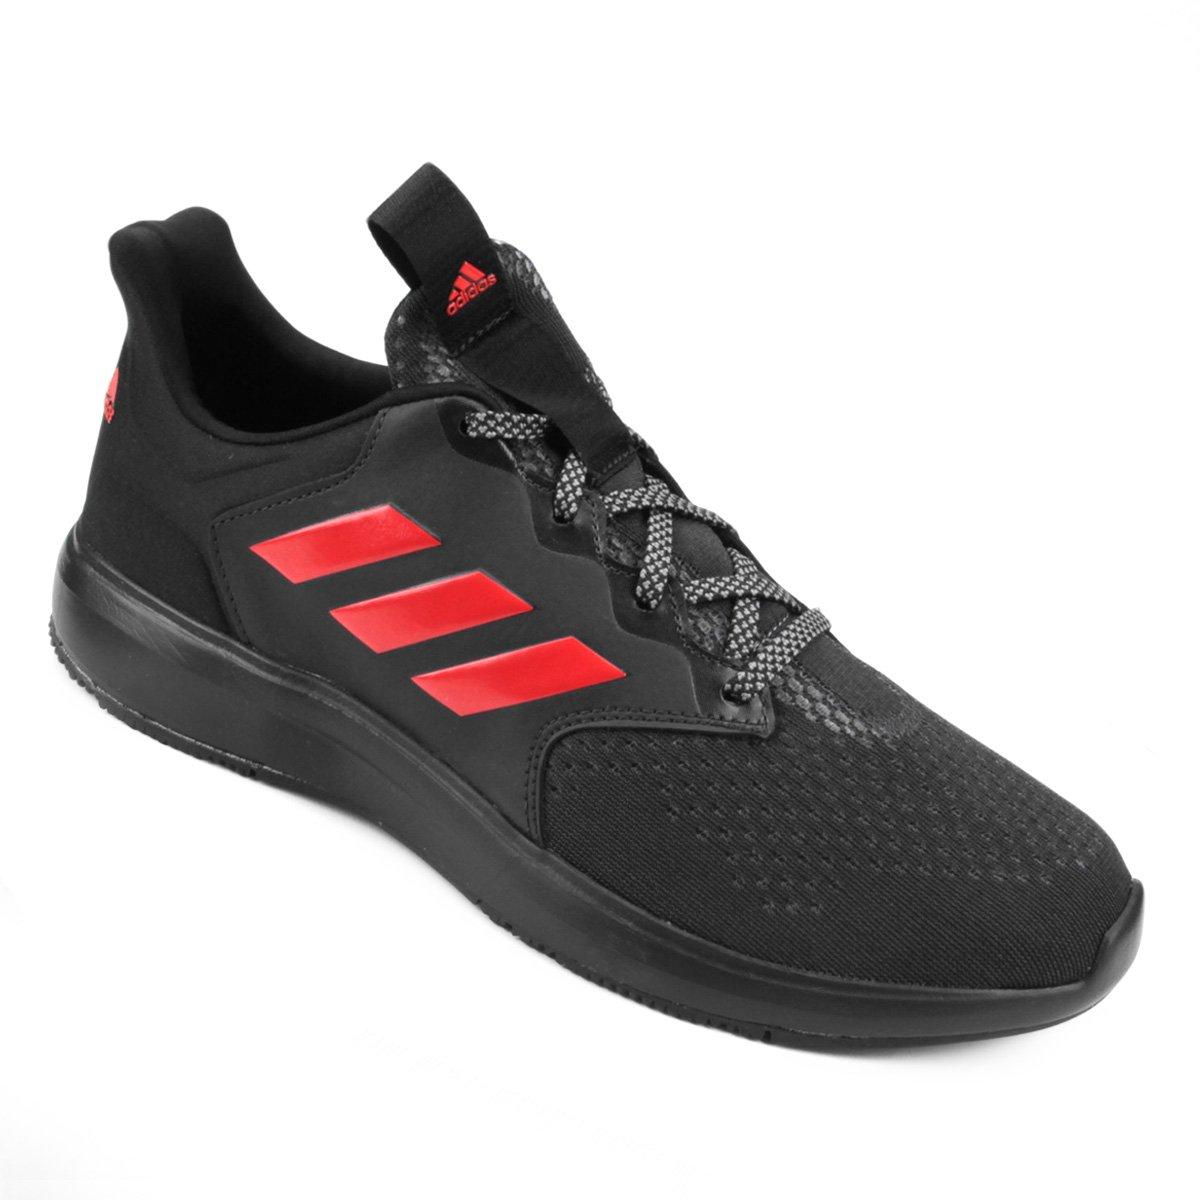 2117e0d06c4 Tênis Adidas Stormpacer 2 Masculino - Compre Agora